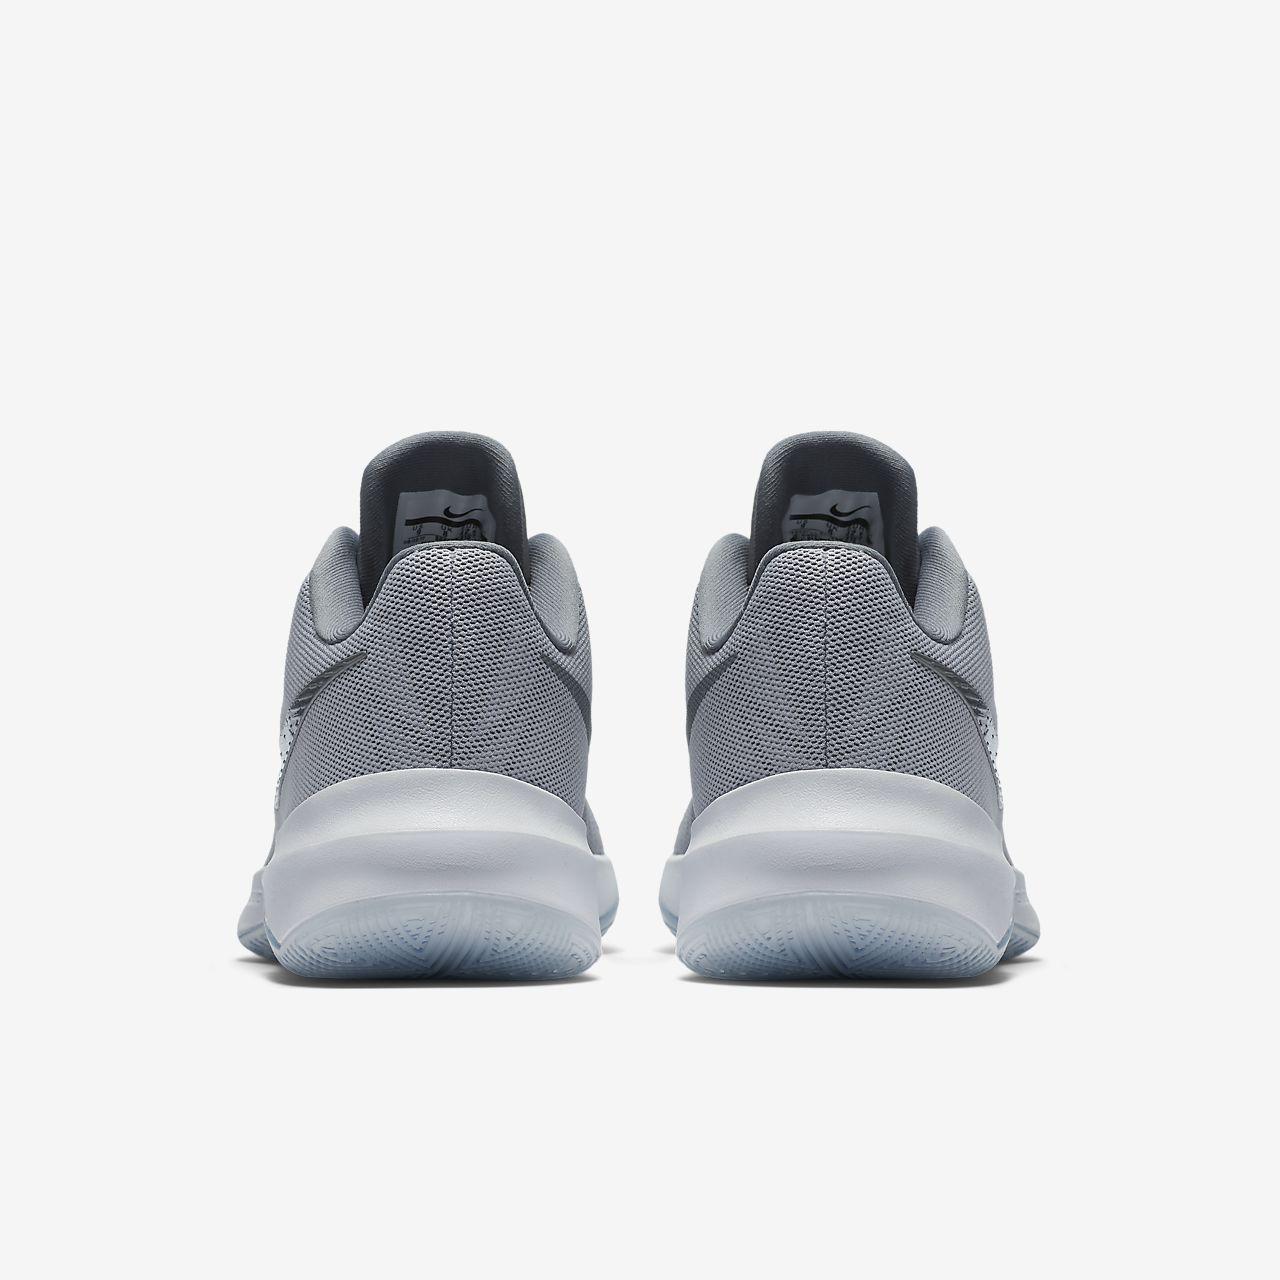 2849a6b6a8e7 Wholesale USA Store Favorite Brands nike blazer sneaker nike blazer  anti-fur sign sport Discounts PK27463